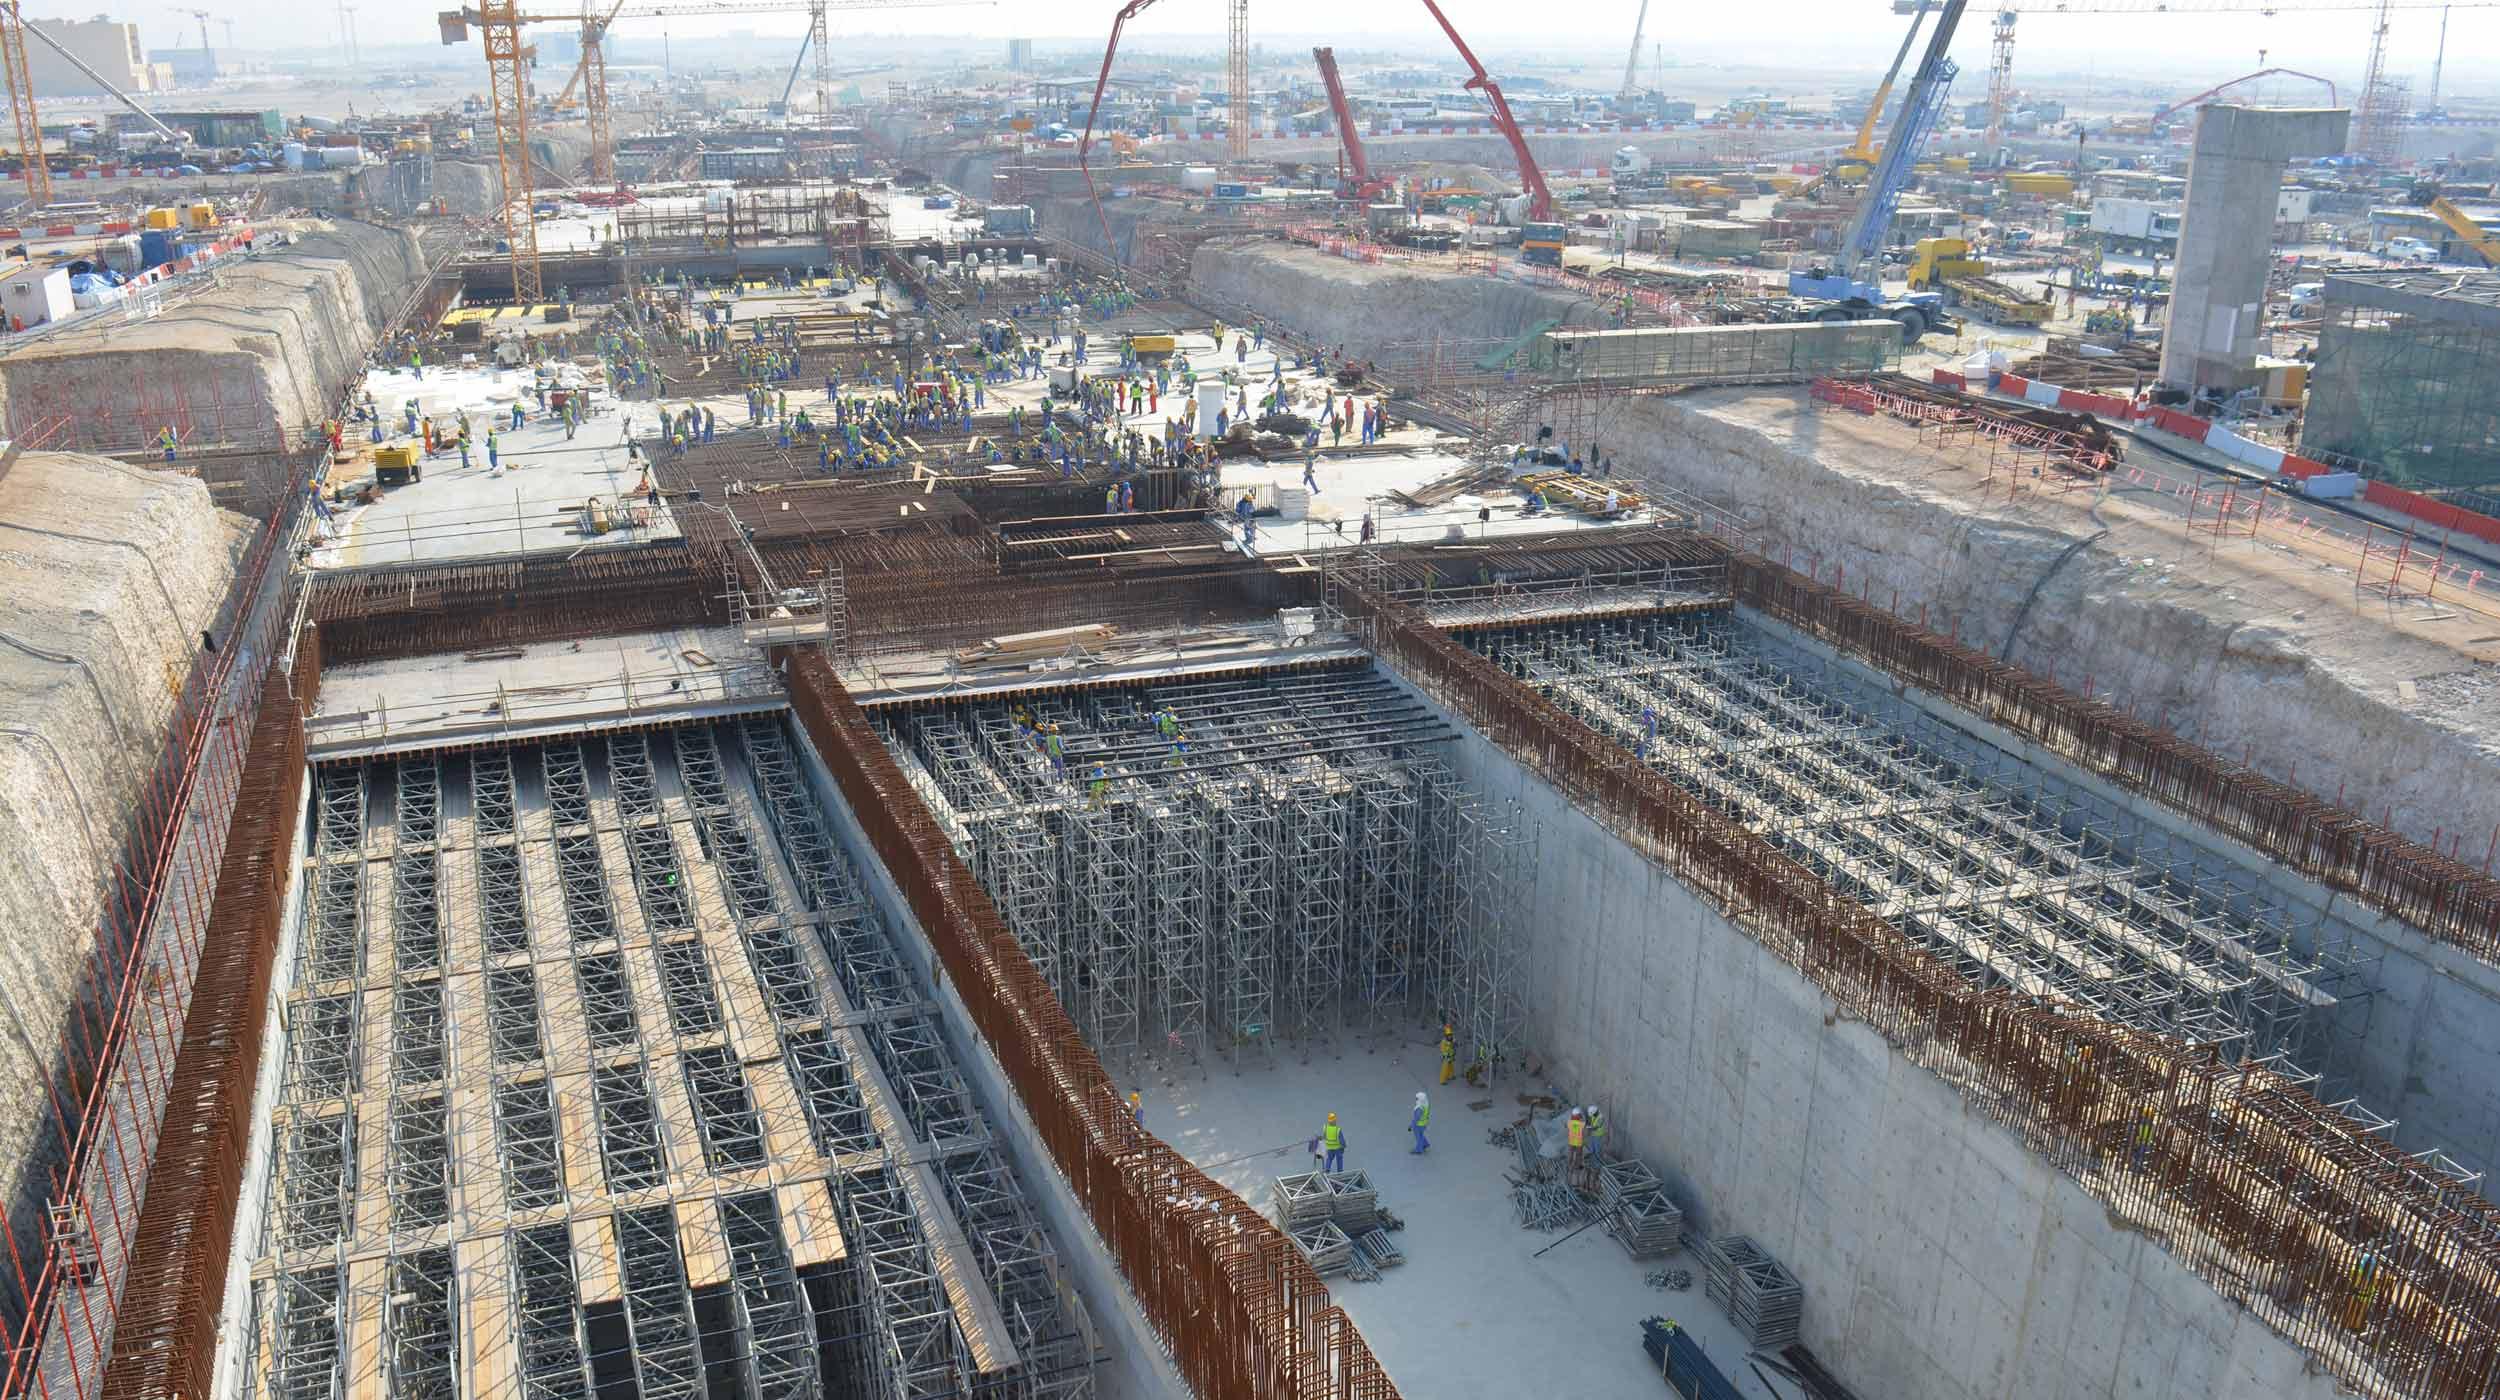 El proyecto consiste en la construcción de un túnel a cielo abierto, así como las instalaciones y servicios en la vía A3.